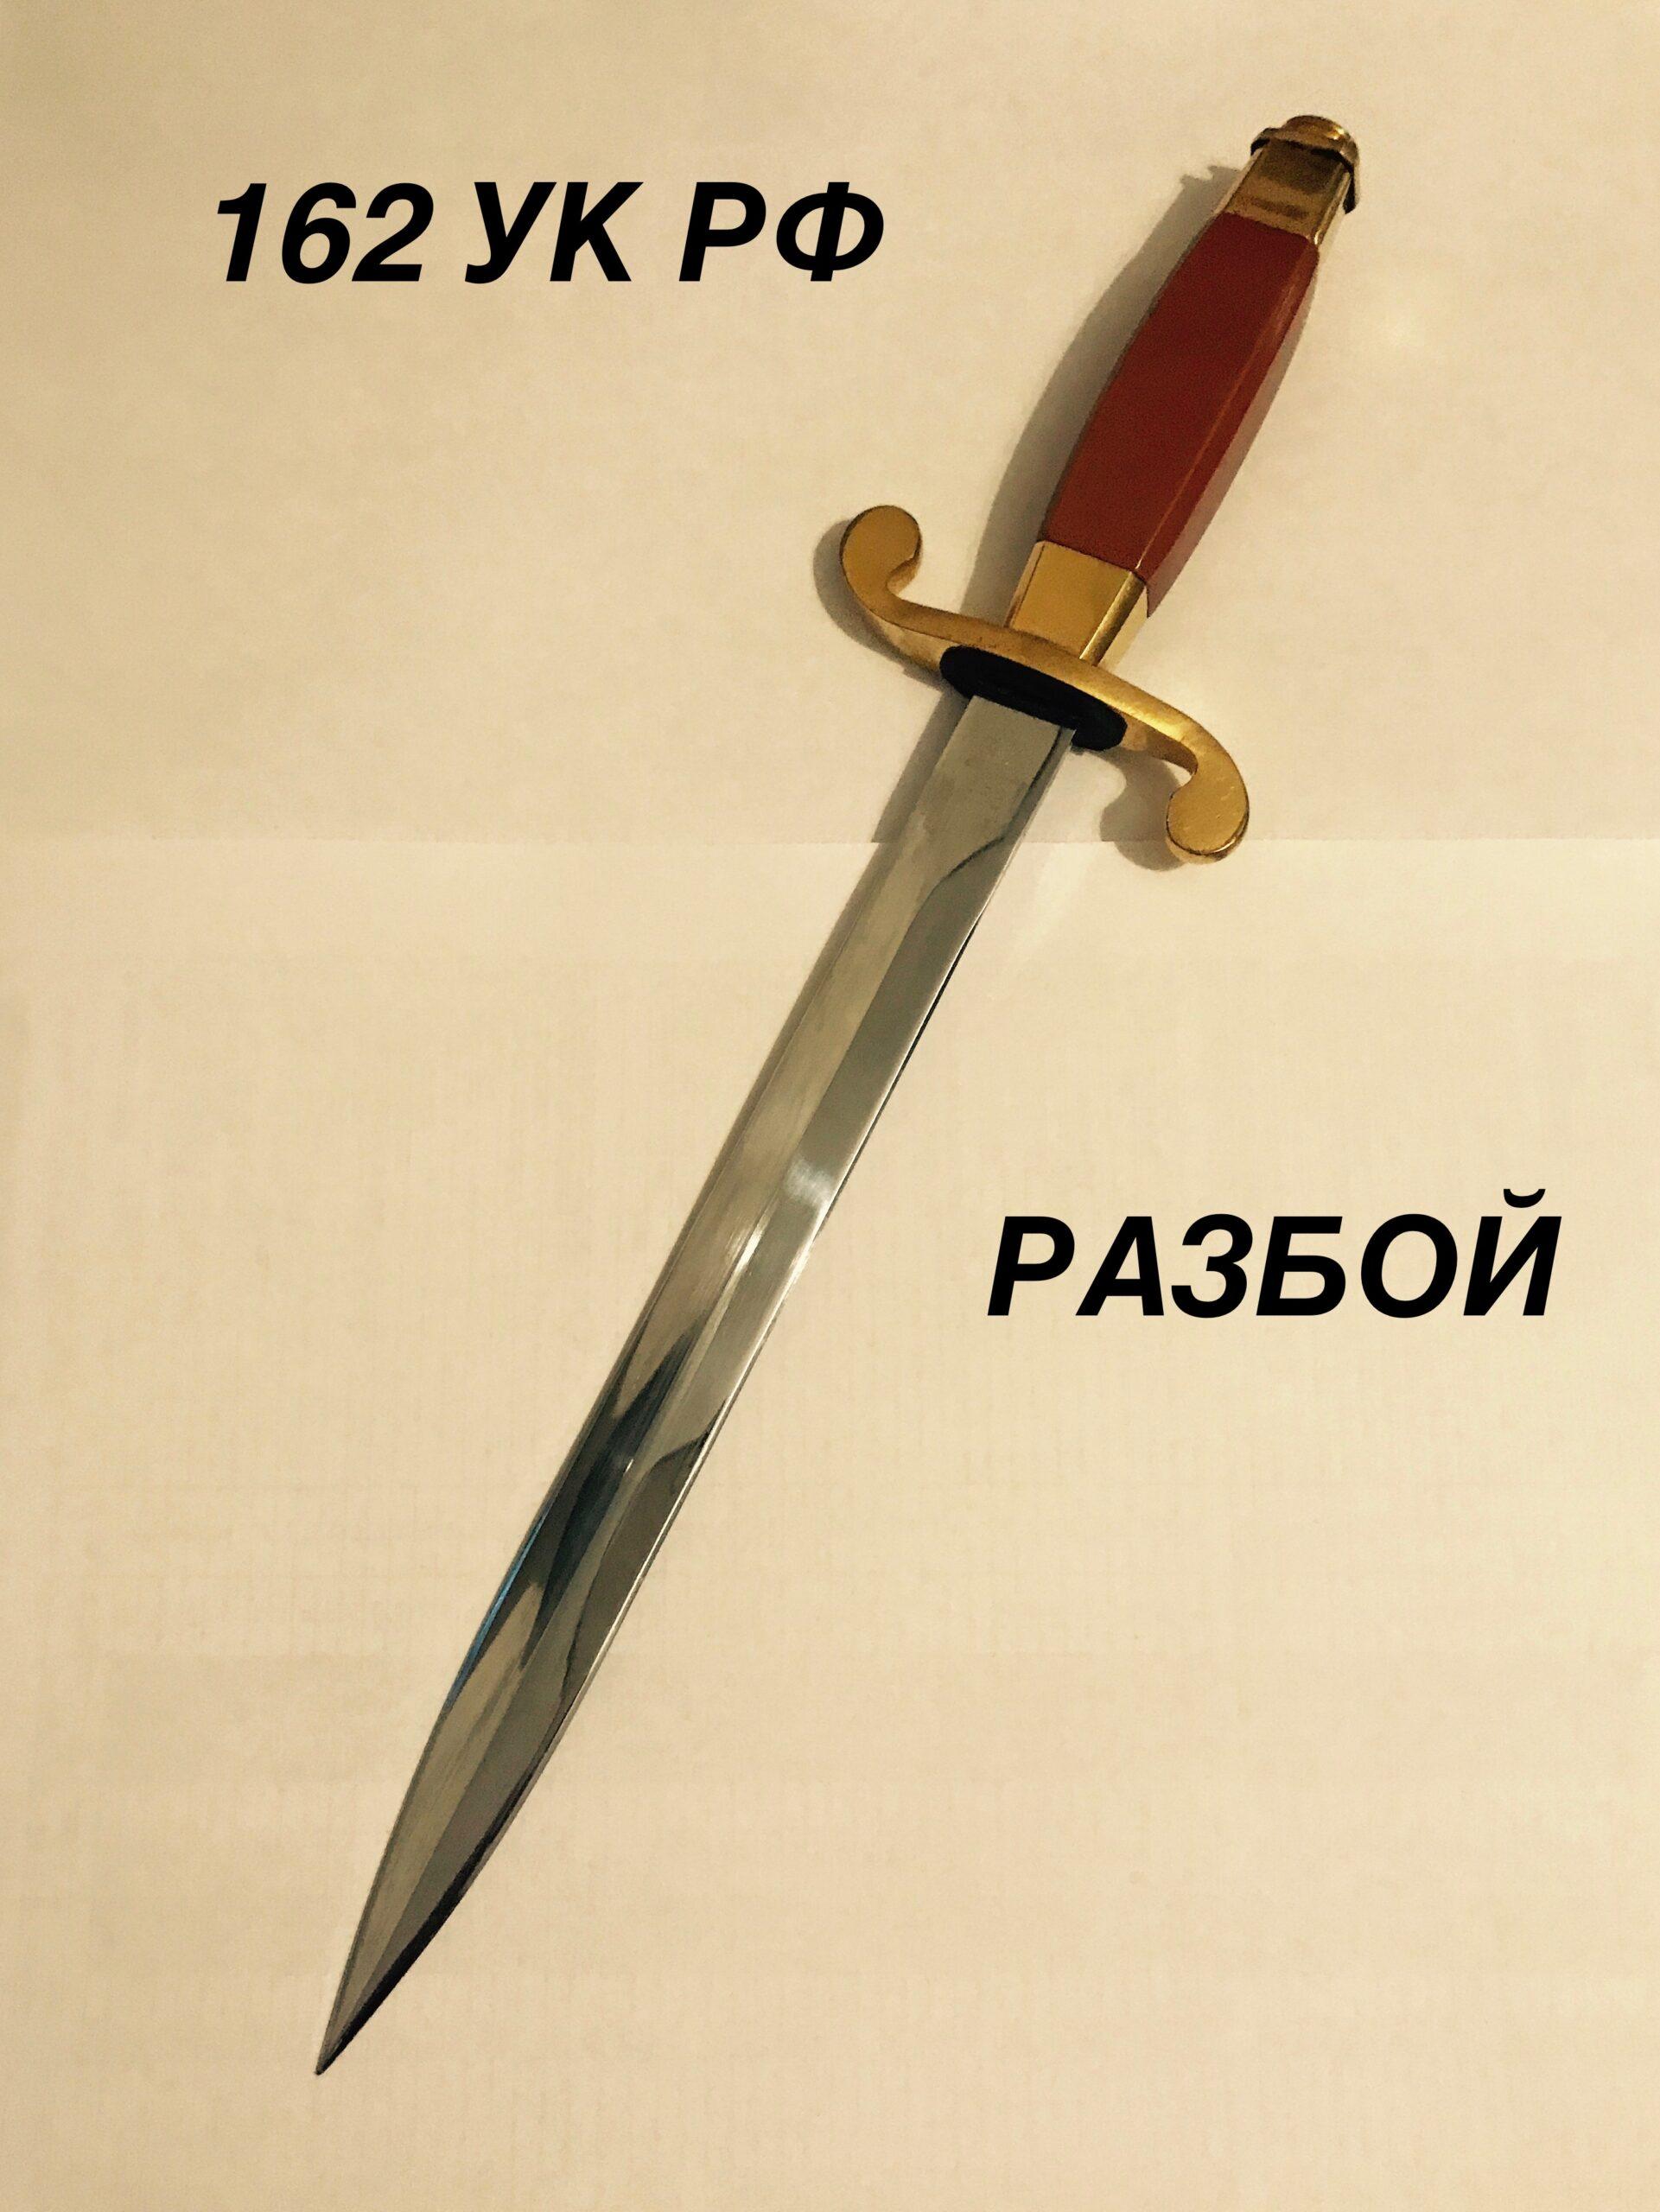 Победа защитника Упорова в деле по разбою с маской и ножом на банк: 3 года условно.